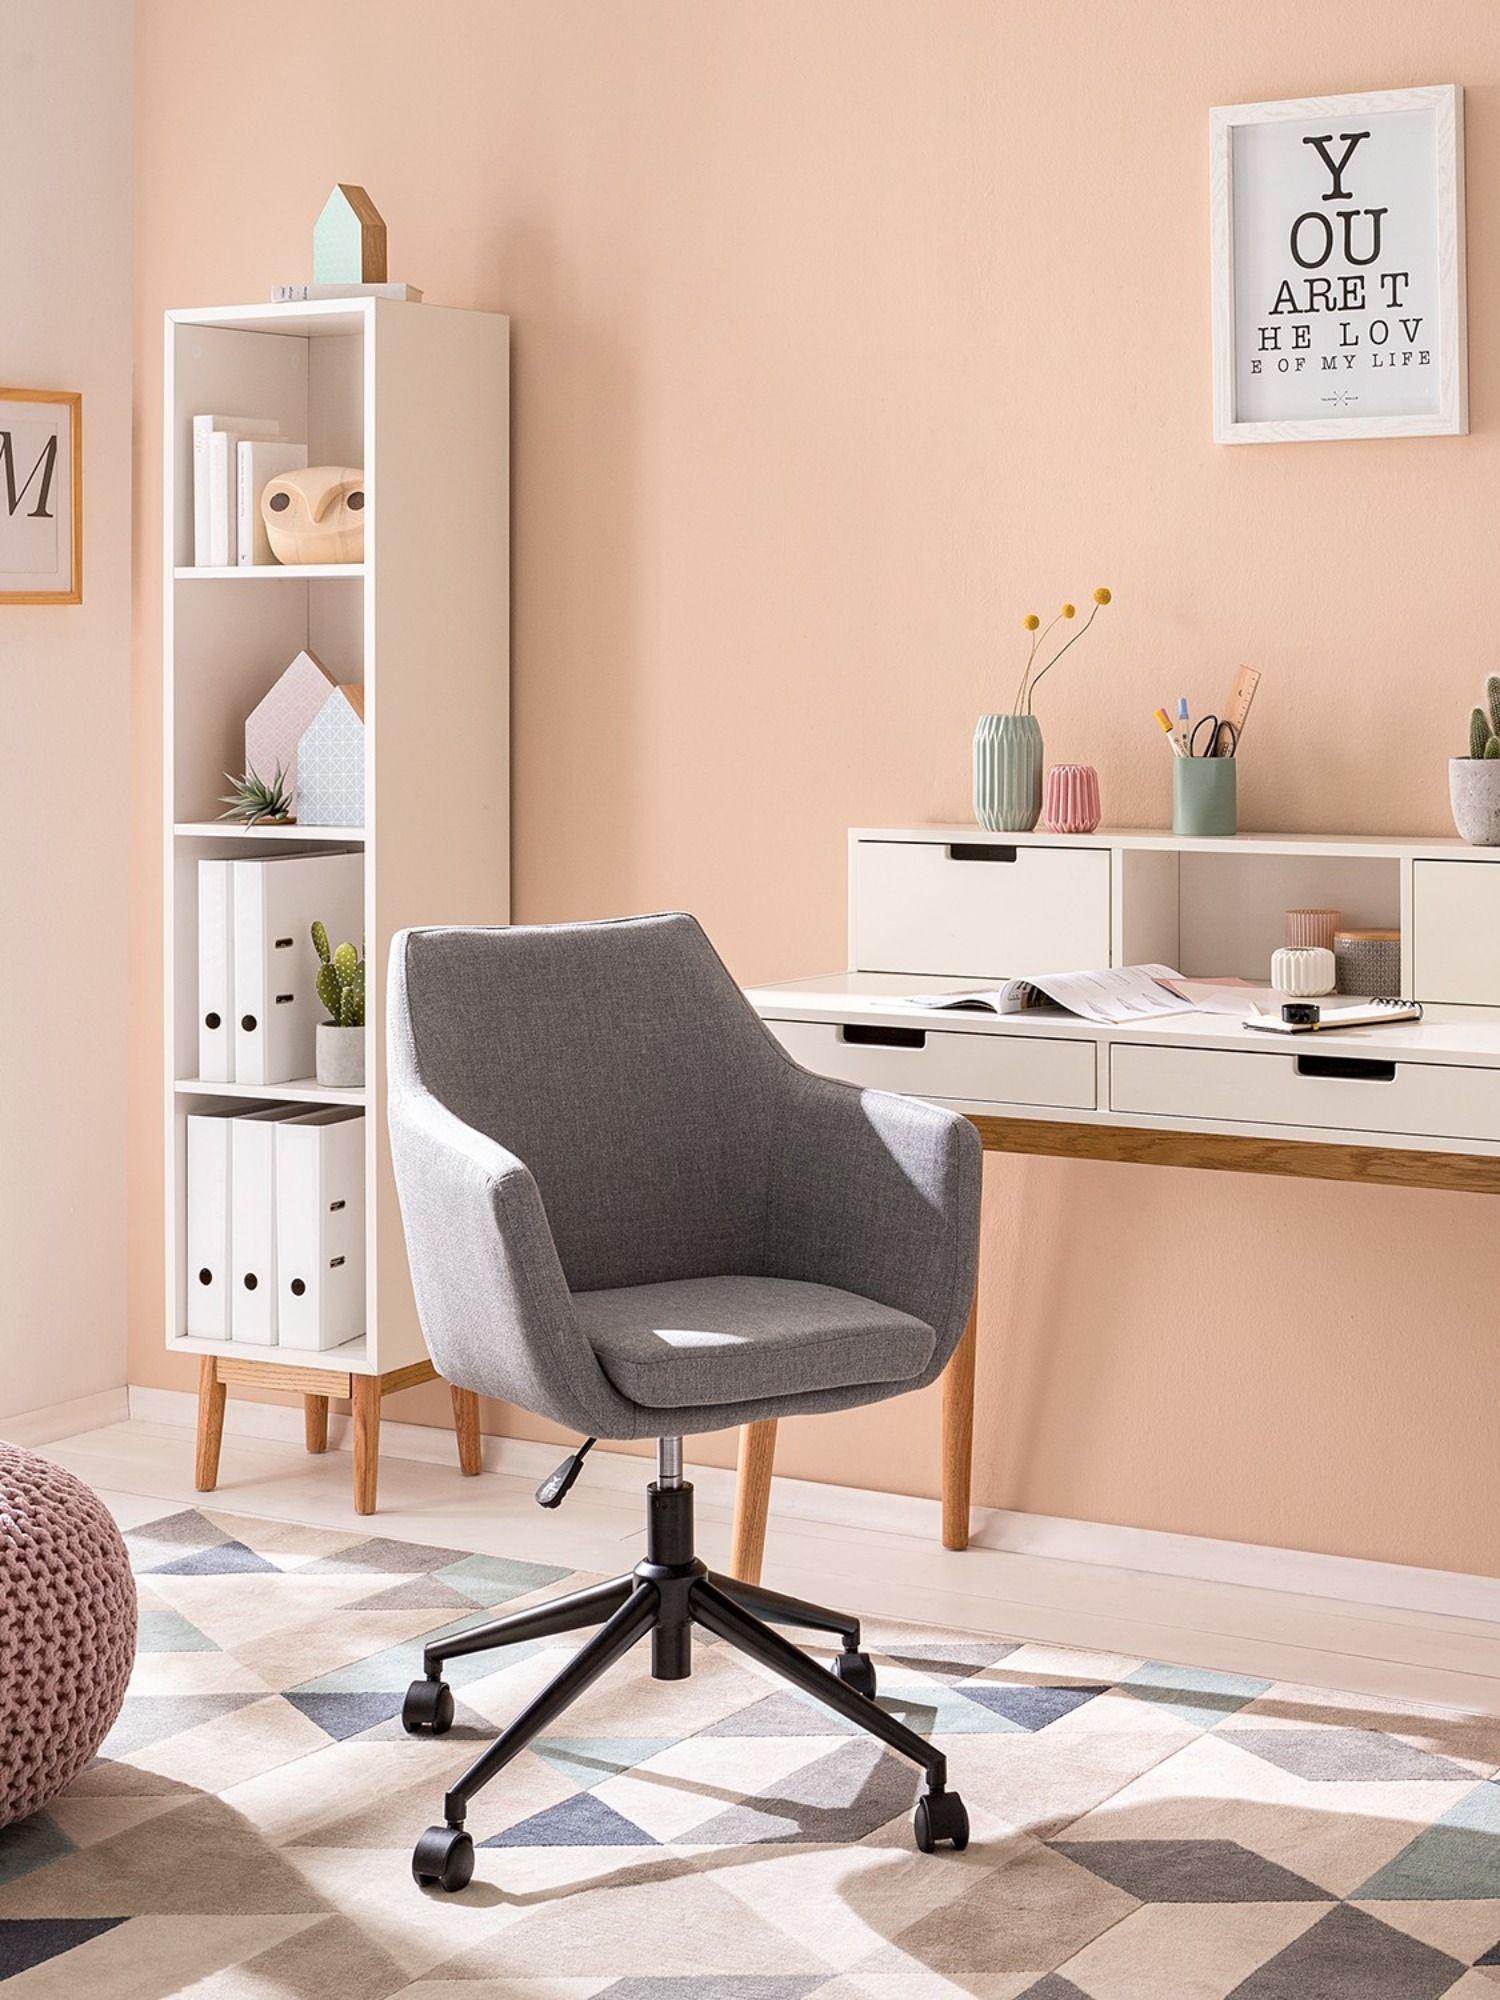 Buroset Lindholm Ii 3 Teilig Haus Deko Einrichtungsideen Schlafzimmer Zimmerdekoration